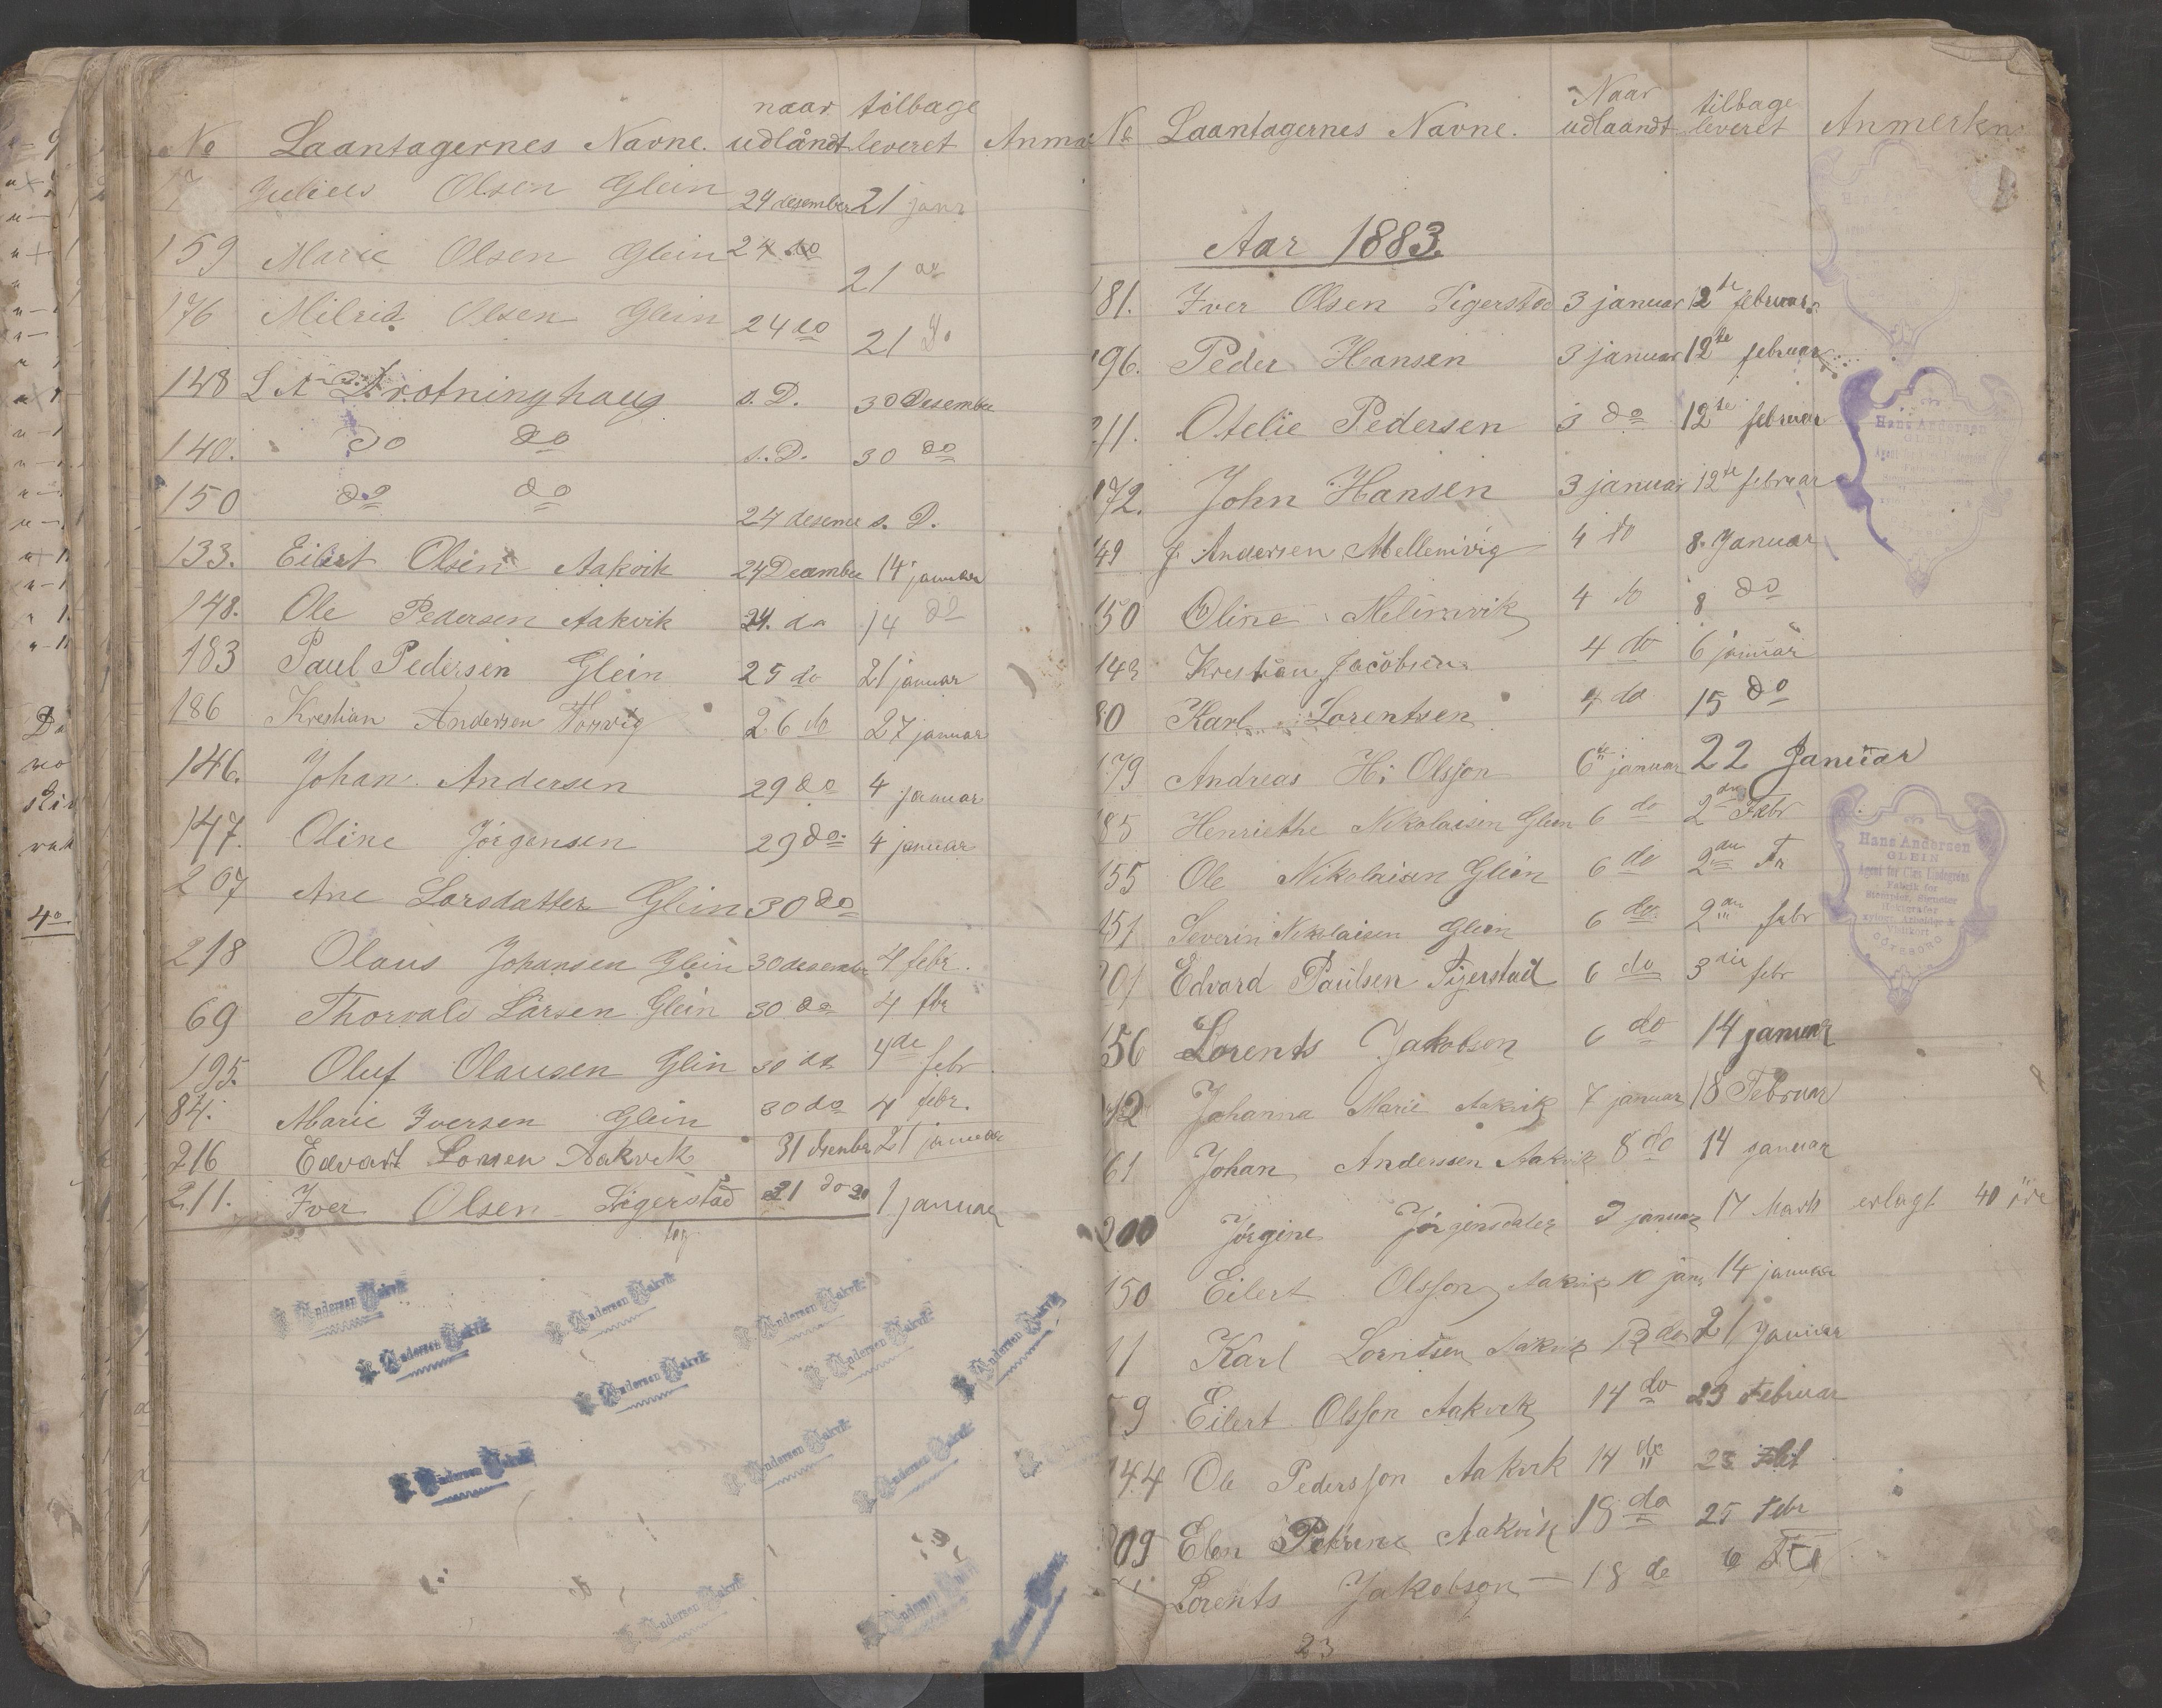 AIN, Dønna kommune. Dønnes folkeboksamling, F/Fa/L0001: Utlånsprotokoll, 1844-1888